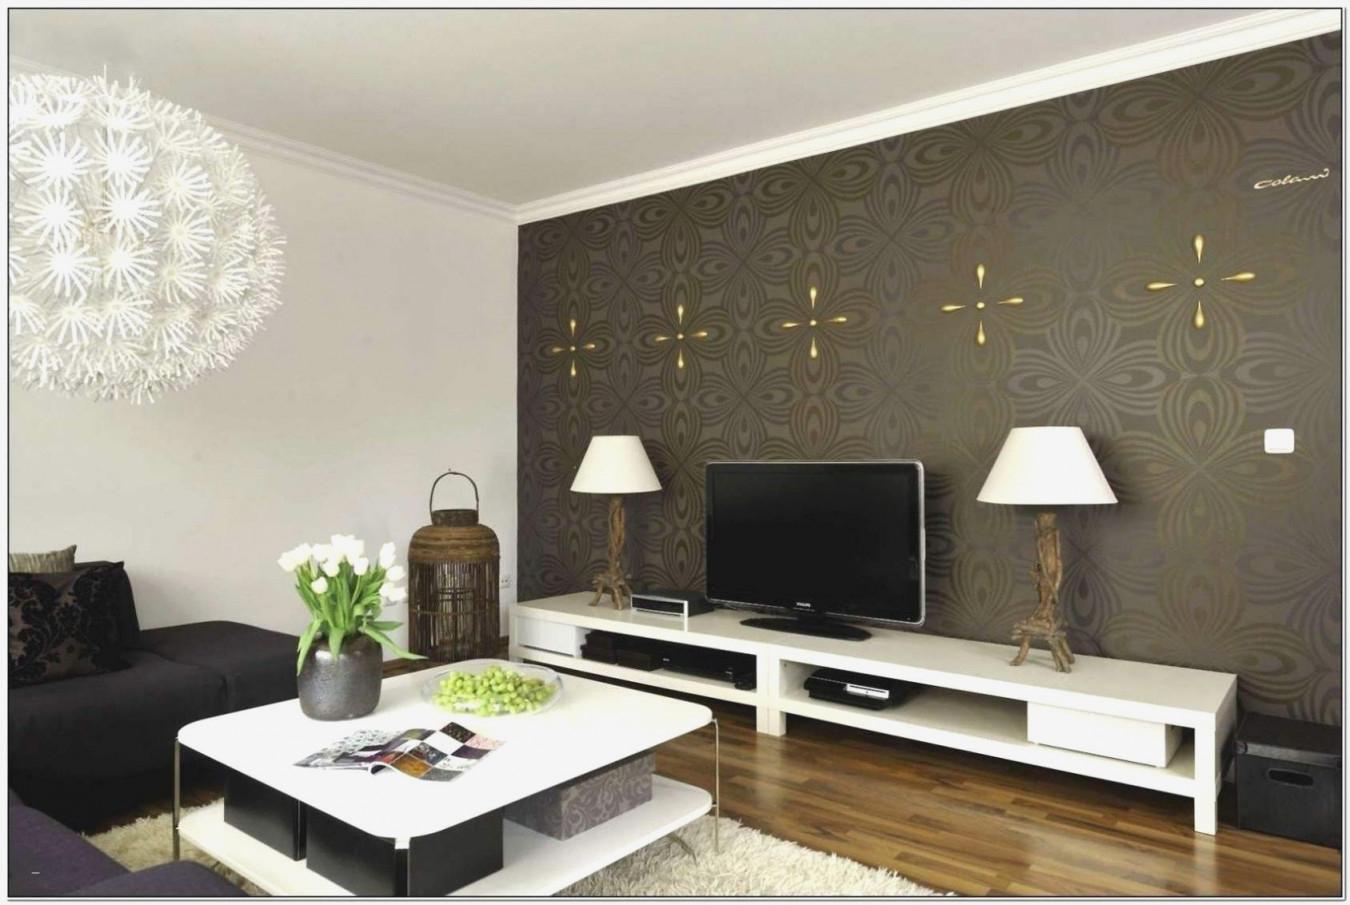 Wandgestaltung Wohnzimmer – Caseconrad von Wandgestaltung Wohnzimmer Bilder Photo